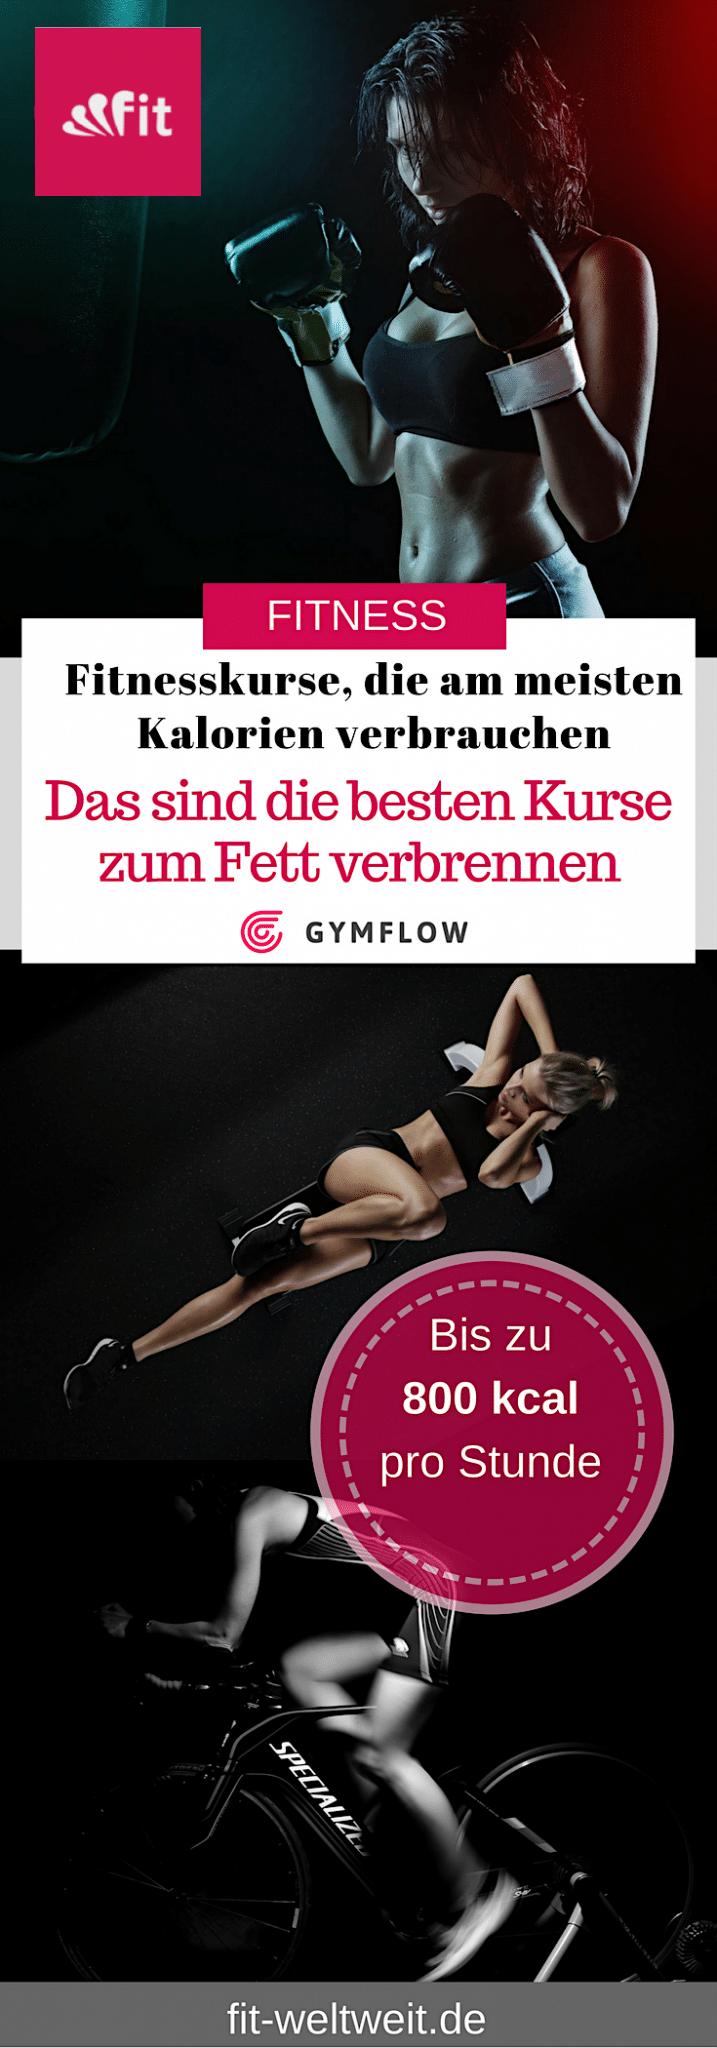 Die besten Kurse zum #Fett #verbrennen über Gymflow und in deinem Studio (Werbung) #Fatburner. Neben einer Low Carb Ernährung ist das richtige Training wichtig, um mehr Fett zu verbrennen und Muskeln aufzubauen. Wenn du im Schlaf Fett verbrennen möchtest, solltest du abends auf Kohlenhydrate verzichten (HGH Produktion - das verbrennt Fett). Mit diesen Fitnessstudio Kursen verbrennst du richtig Fett und treibst deinen Puls in die Höhe. Übungen für den Bauch und das richtige Workout.